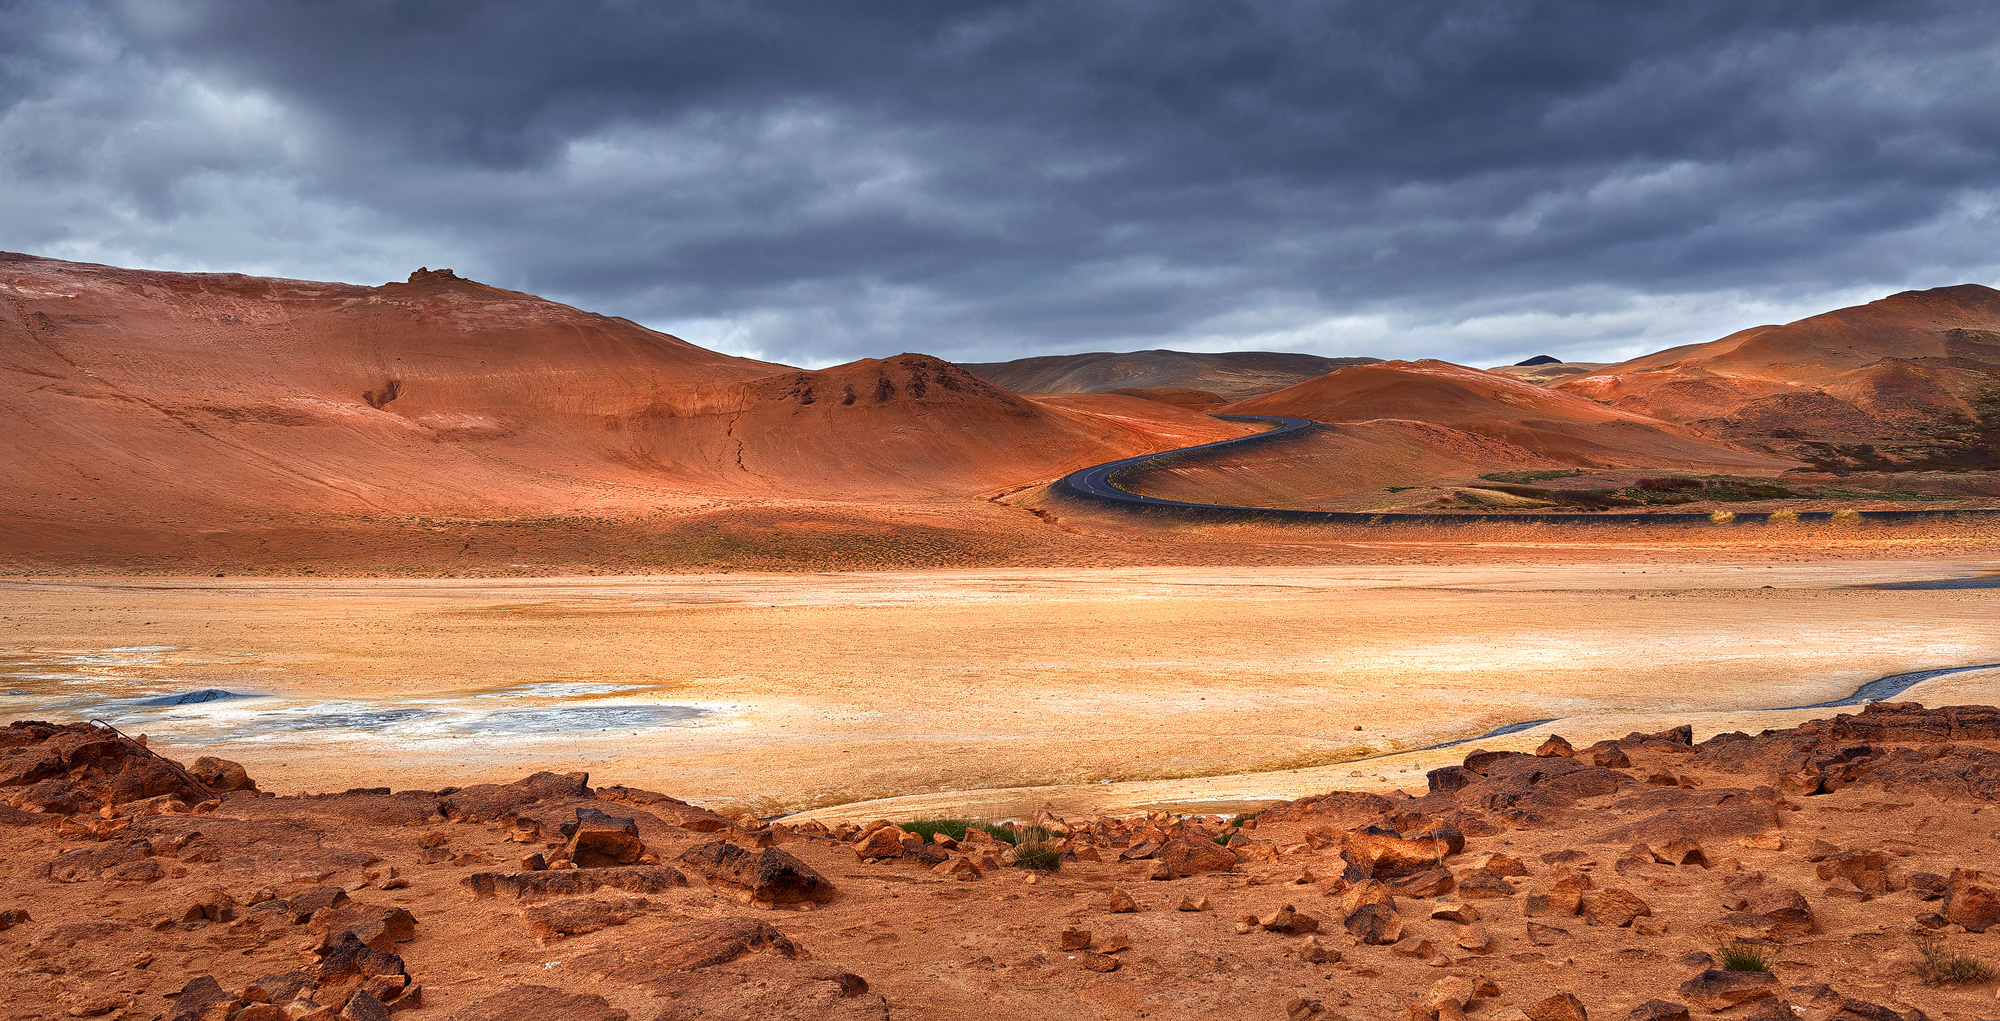 Road on Mars / Hochtemperaturgebiet Námafjall